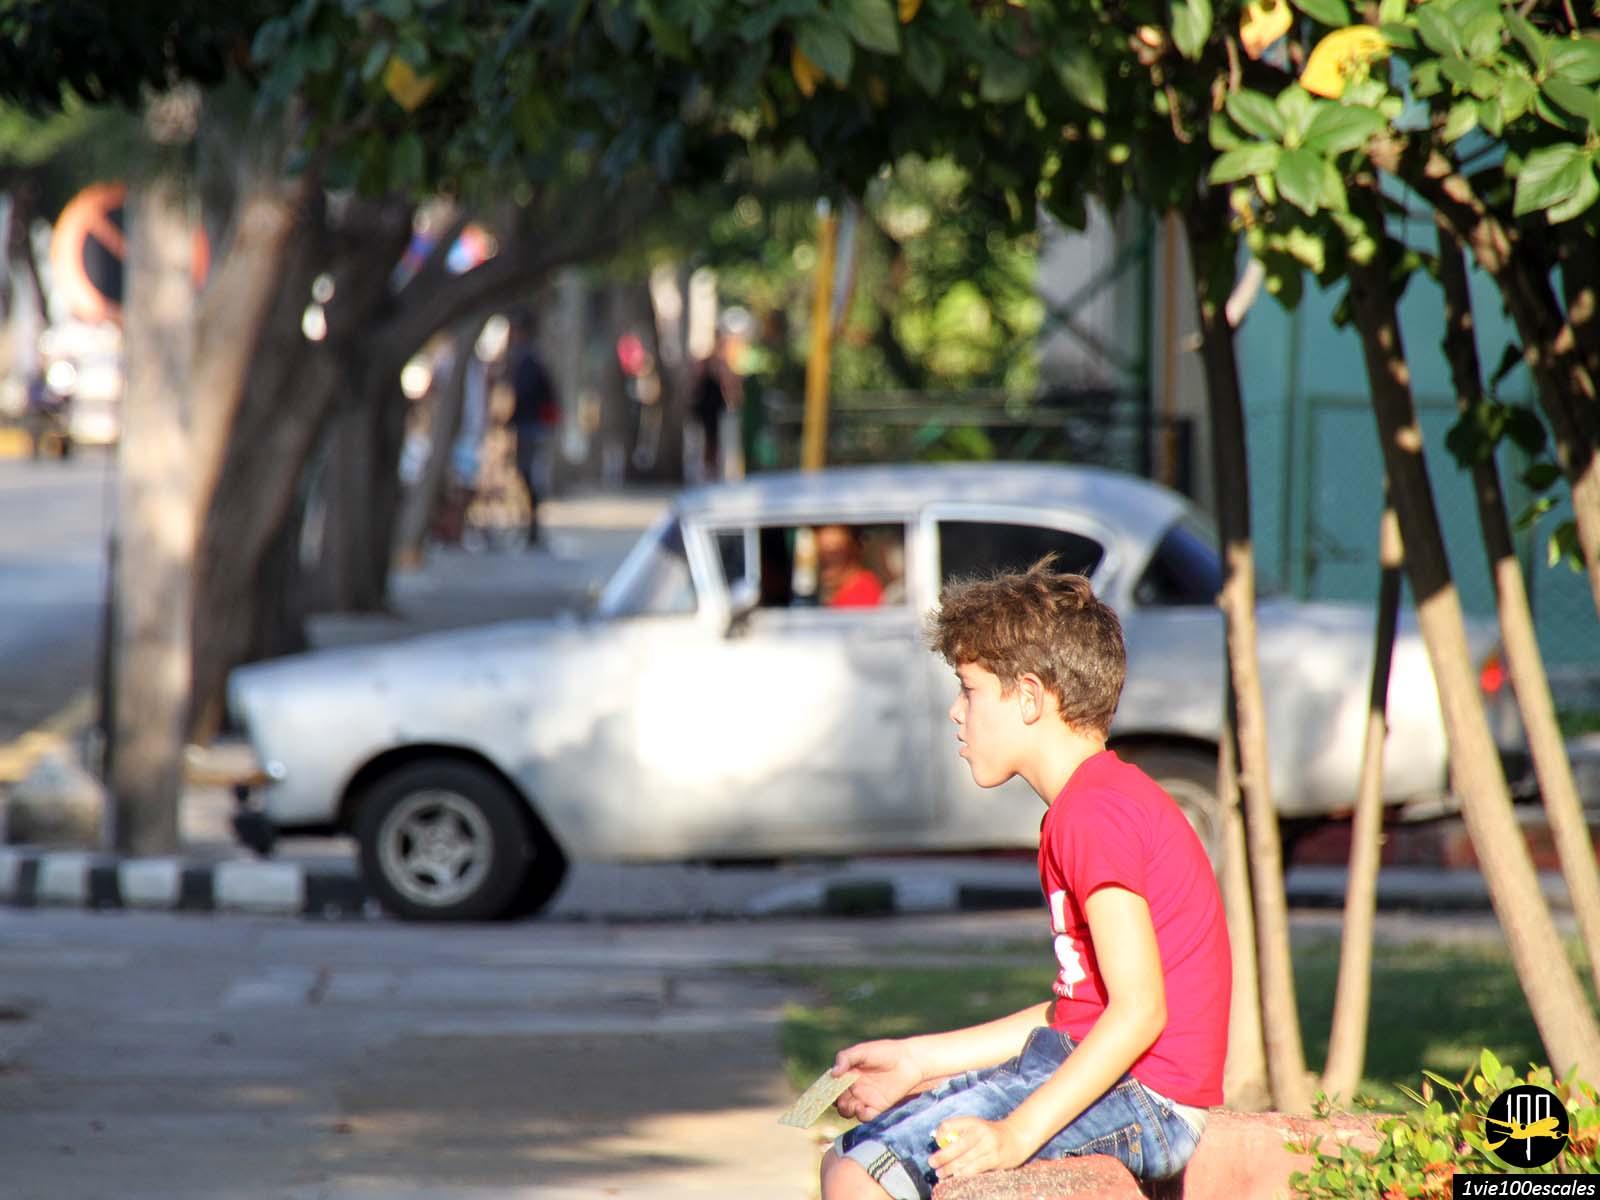 Un enfant et une ancienne voiture dans le village de Varadero